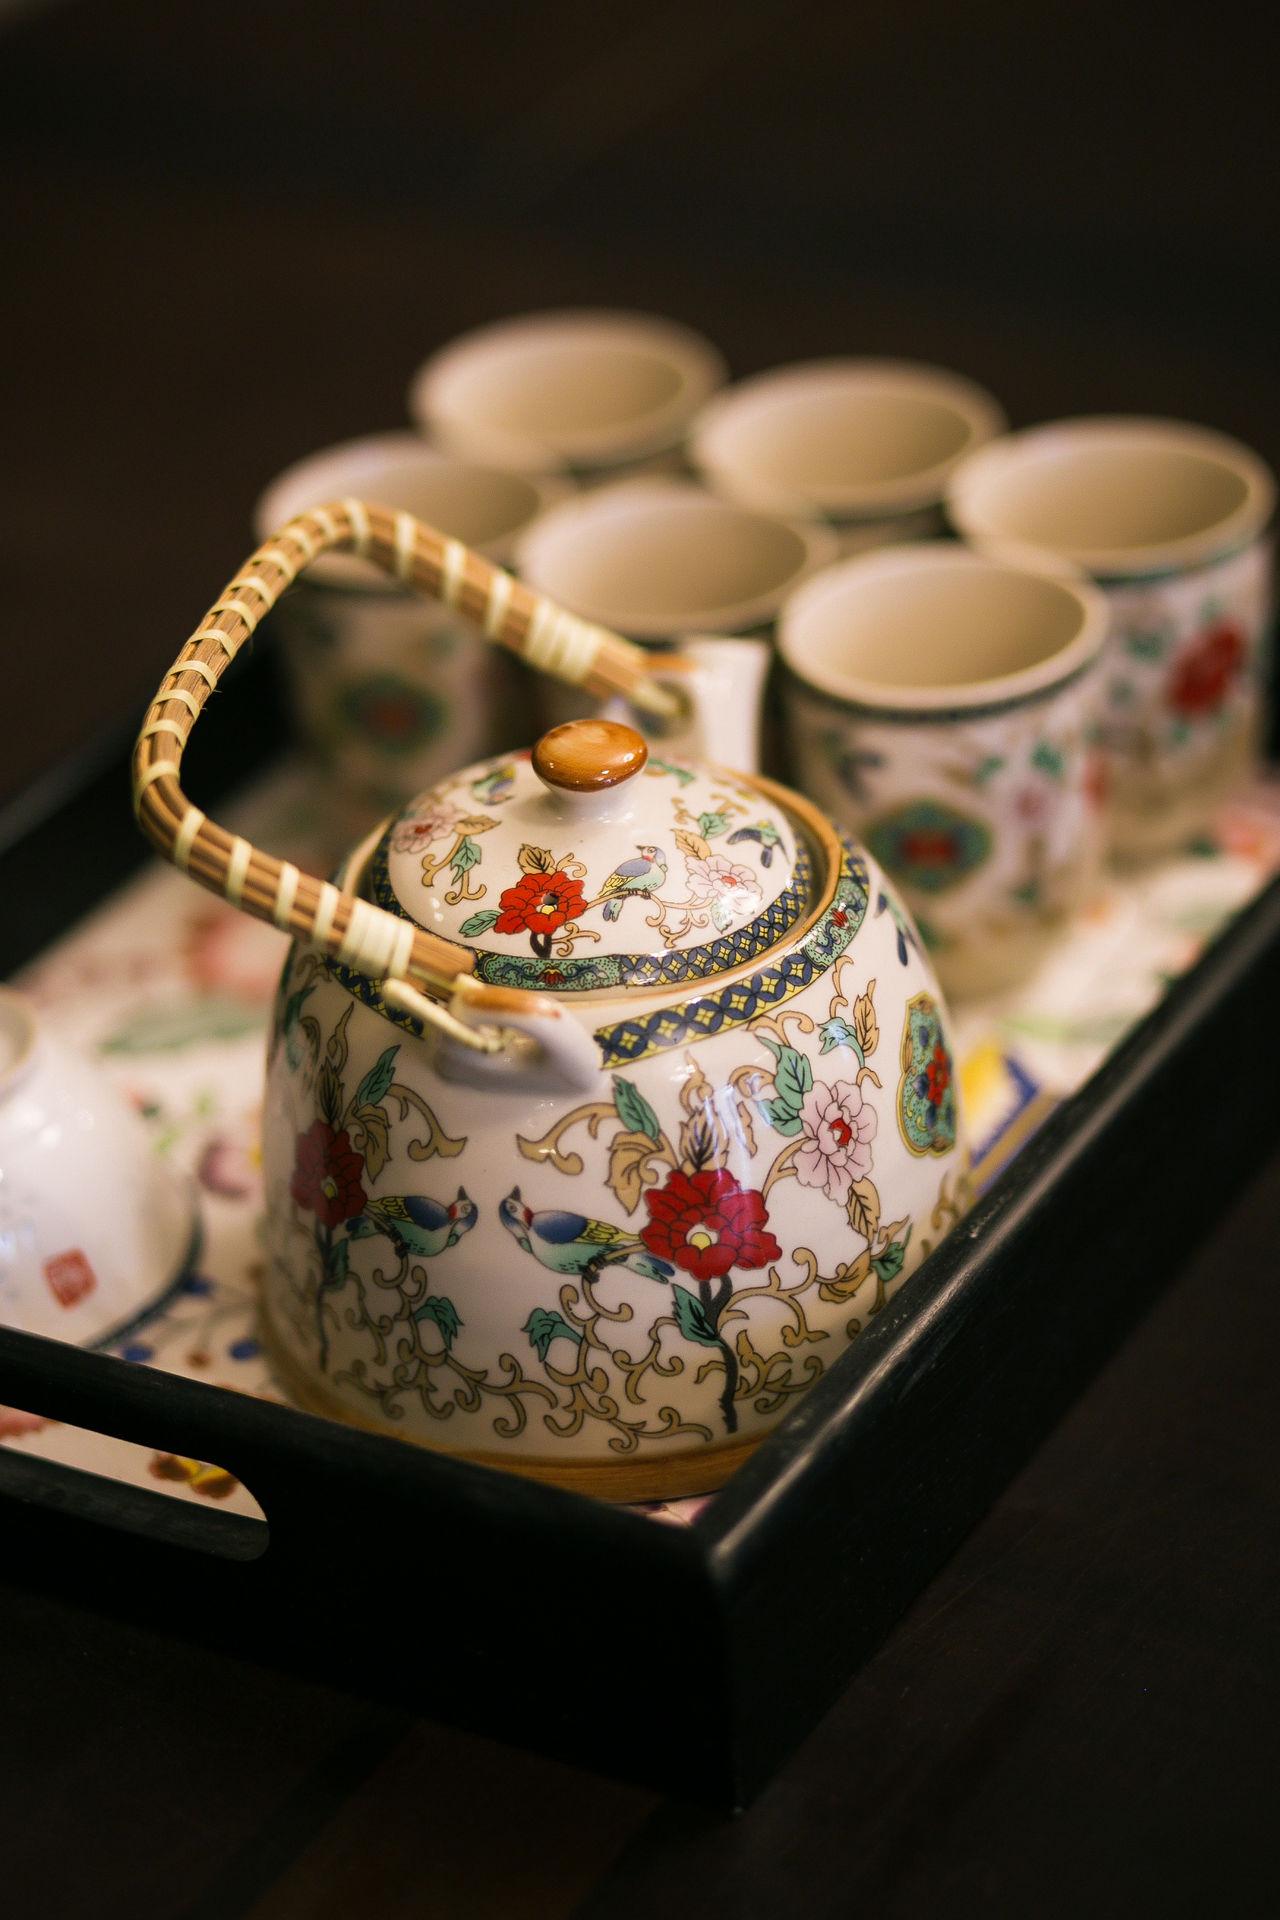 Arrangement Beautiful Day Drawing Drink Hightea Indoors  Lifestyles Tea TeaCup Textured  Unique